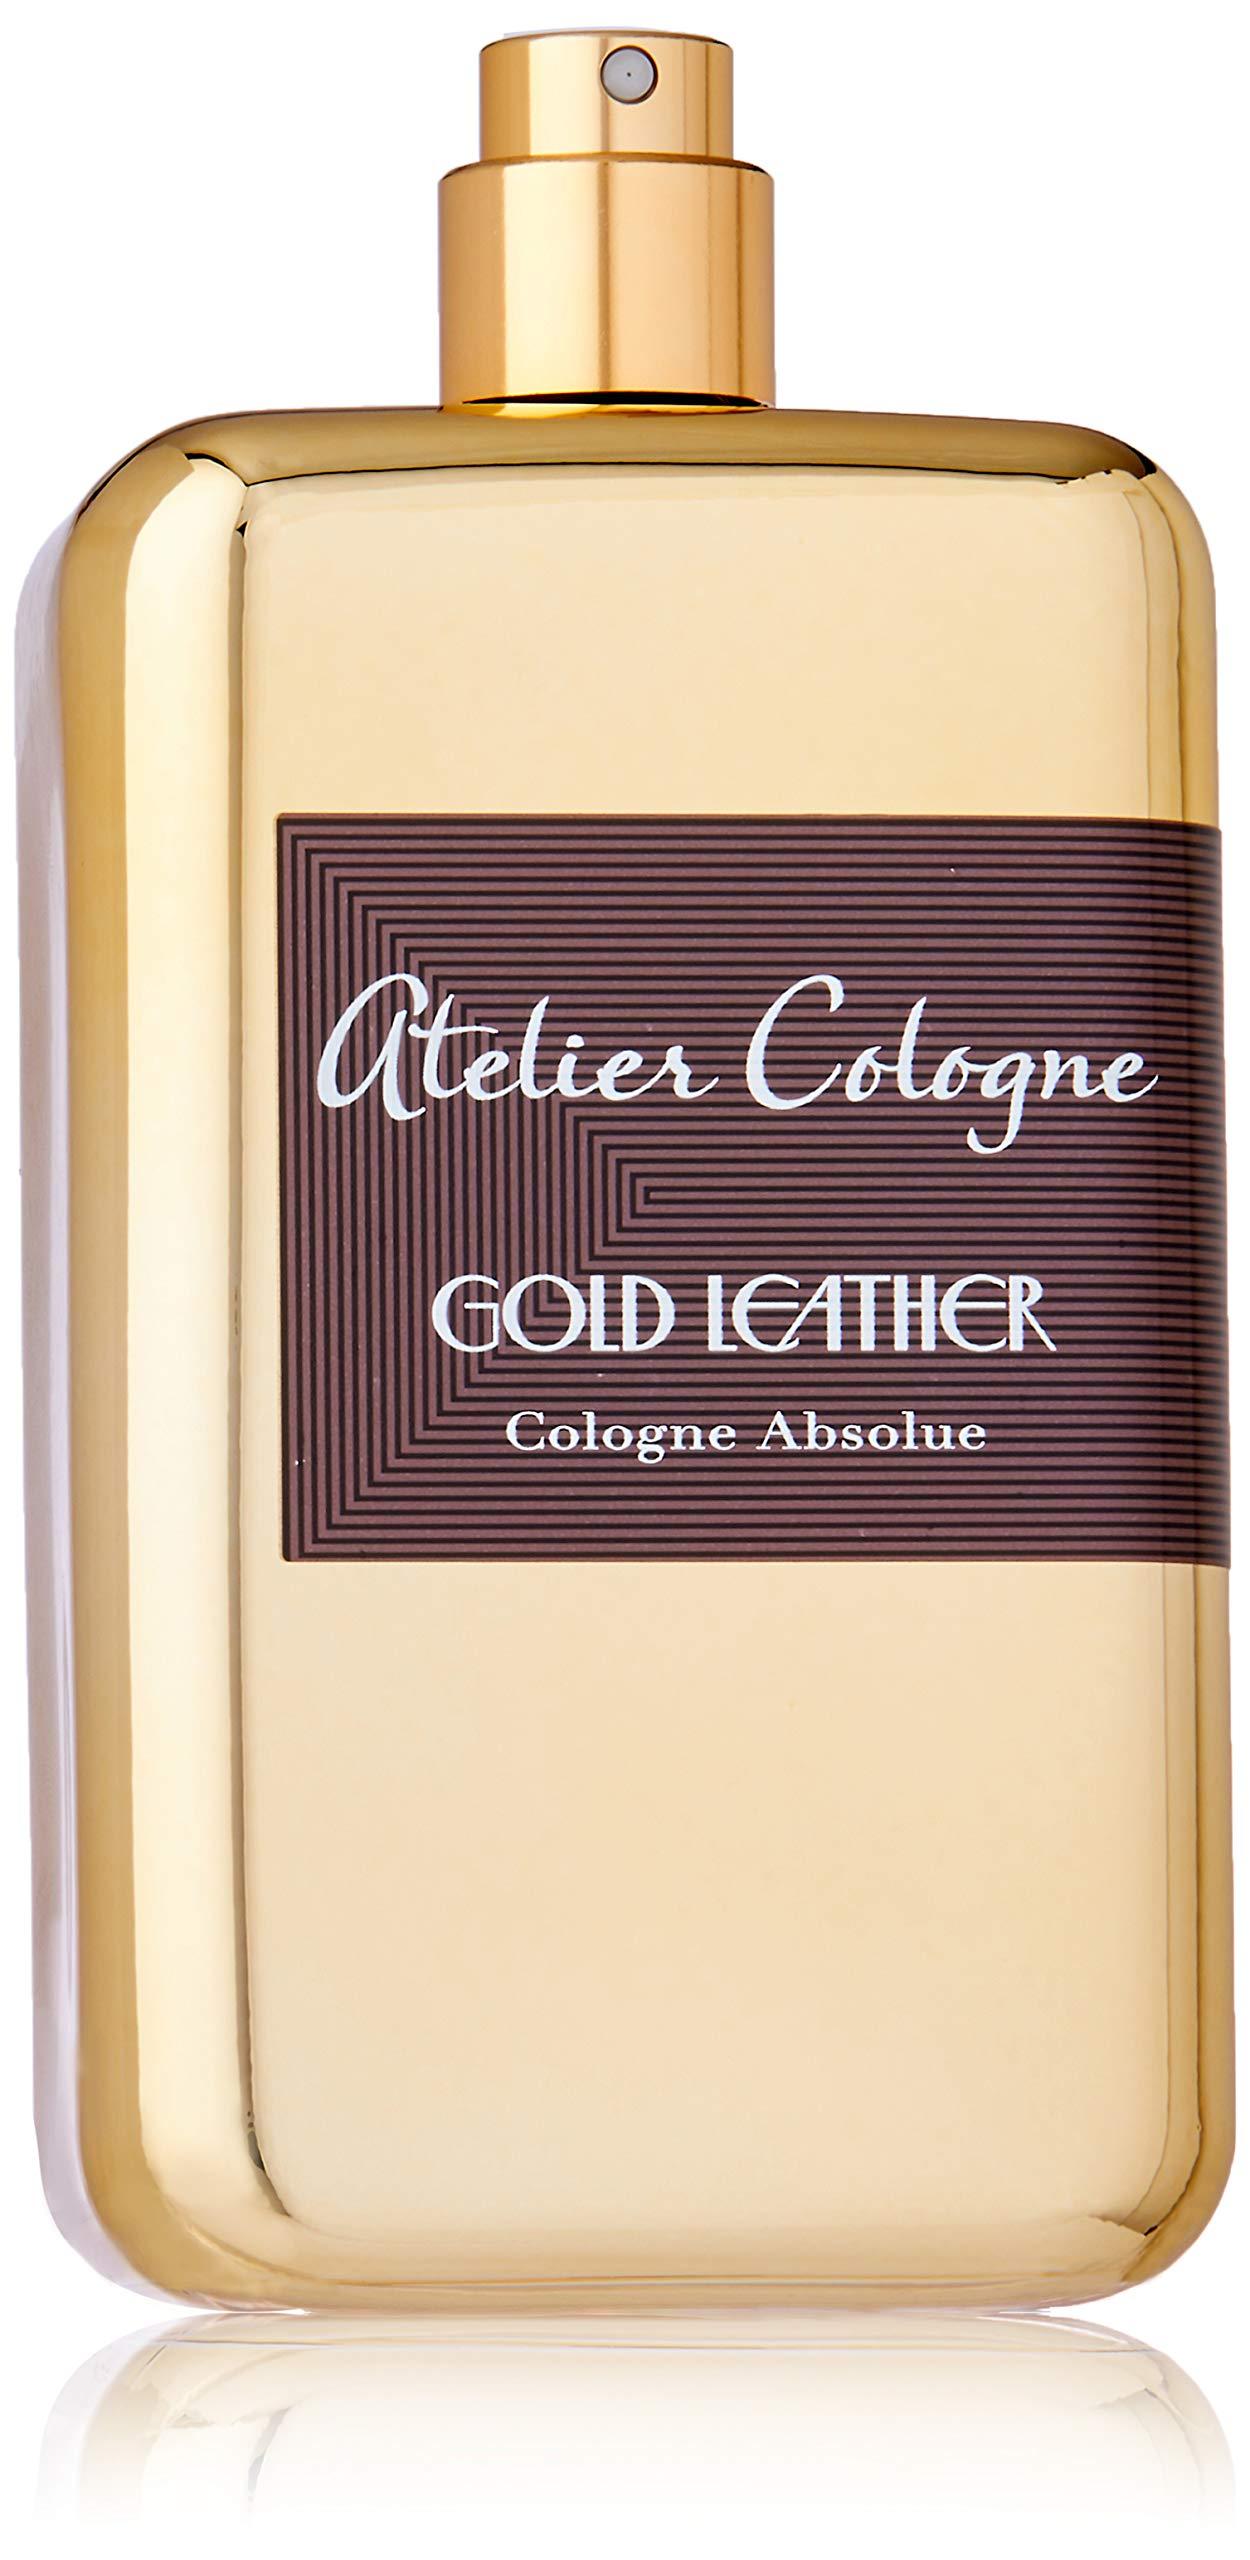 Atelier Cologne Eau de Parfum, Gold Leather, 6.7 Ounce